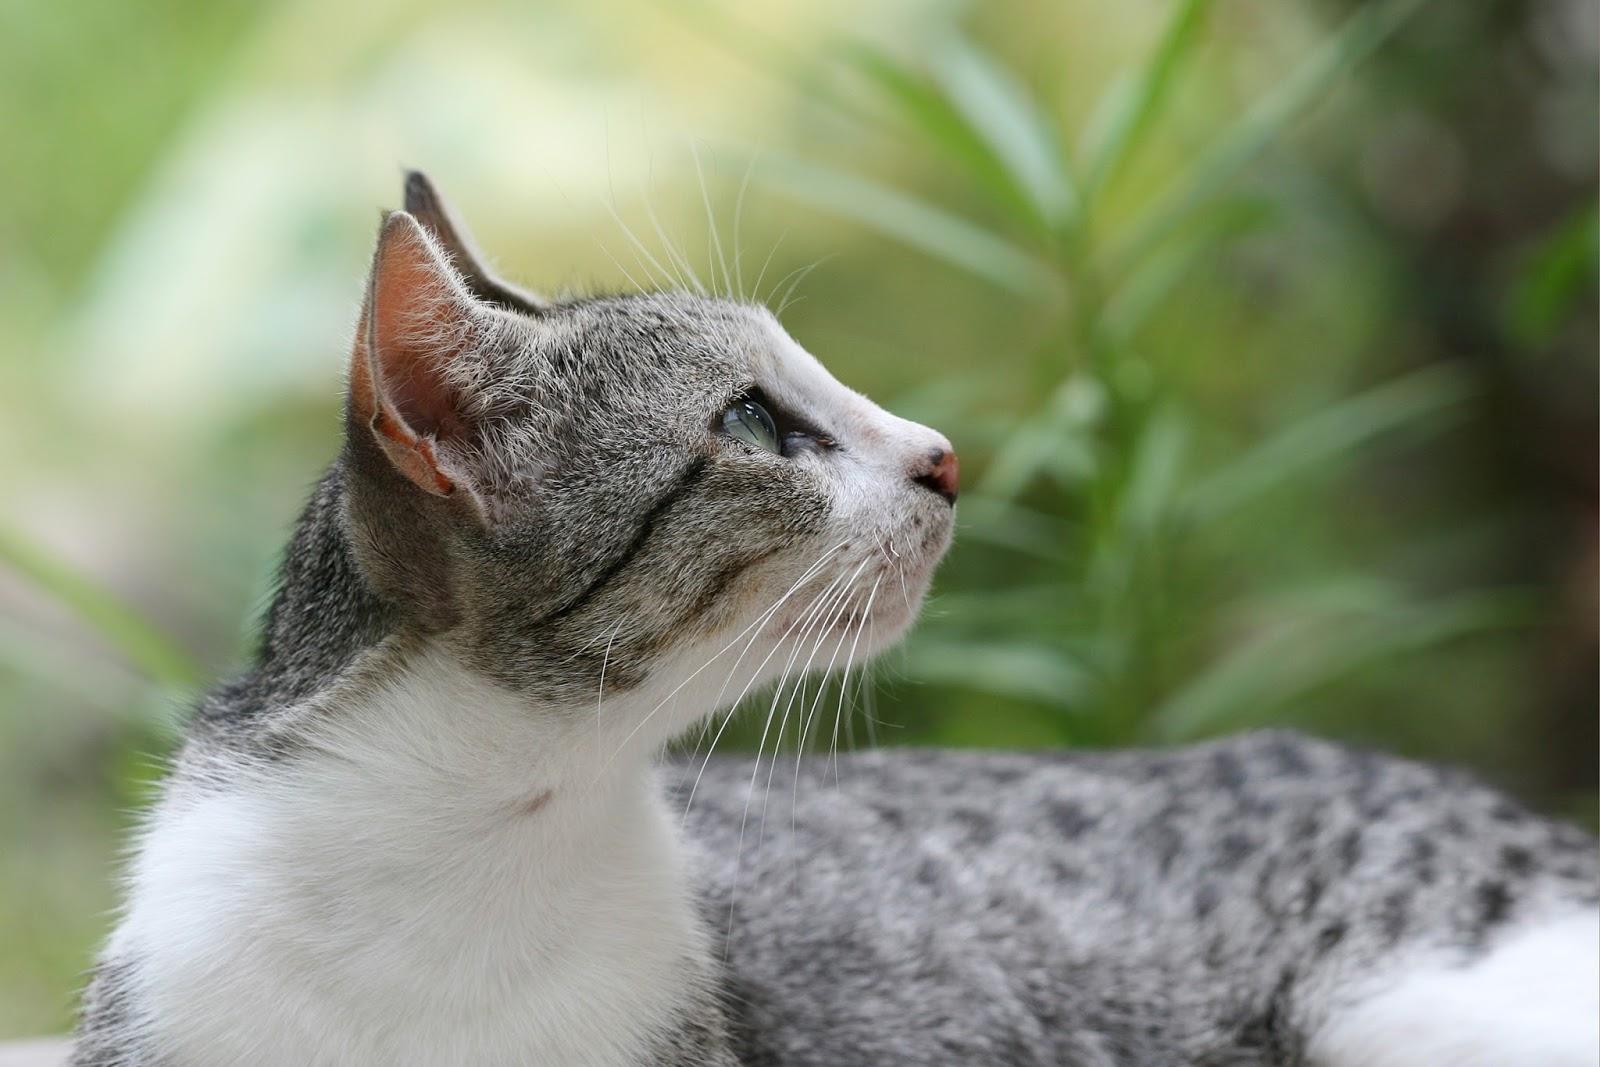 Kelebihan Serta Keuntungan Memelihara Kucing Kampung Atau